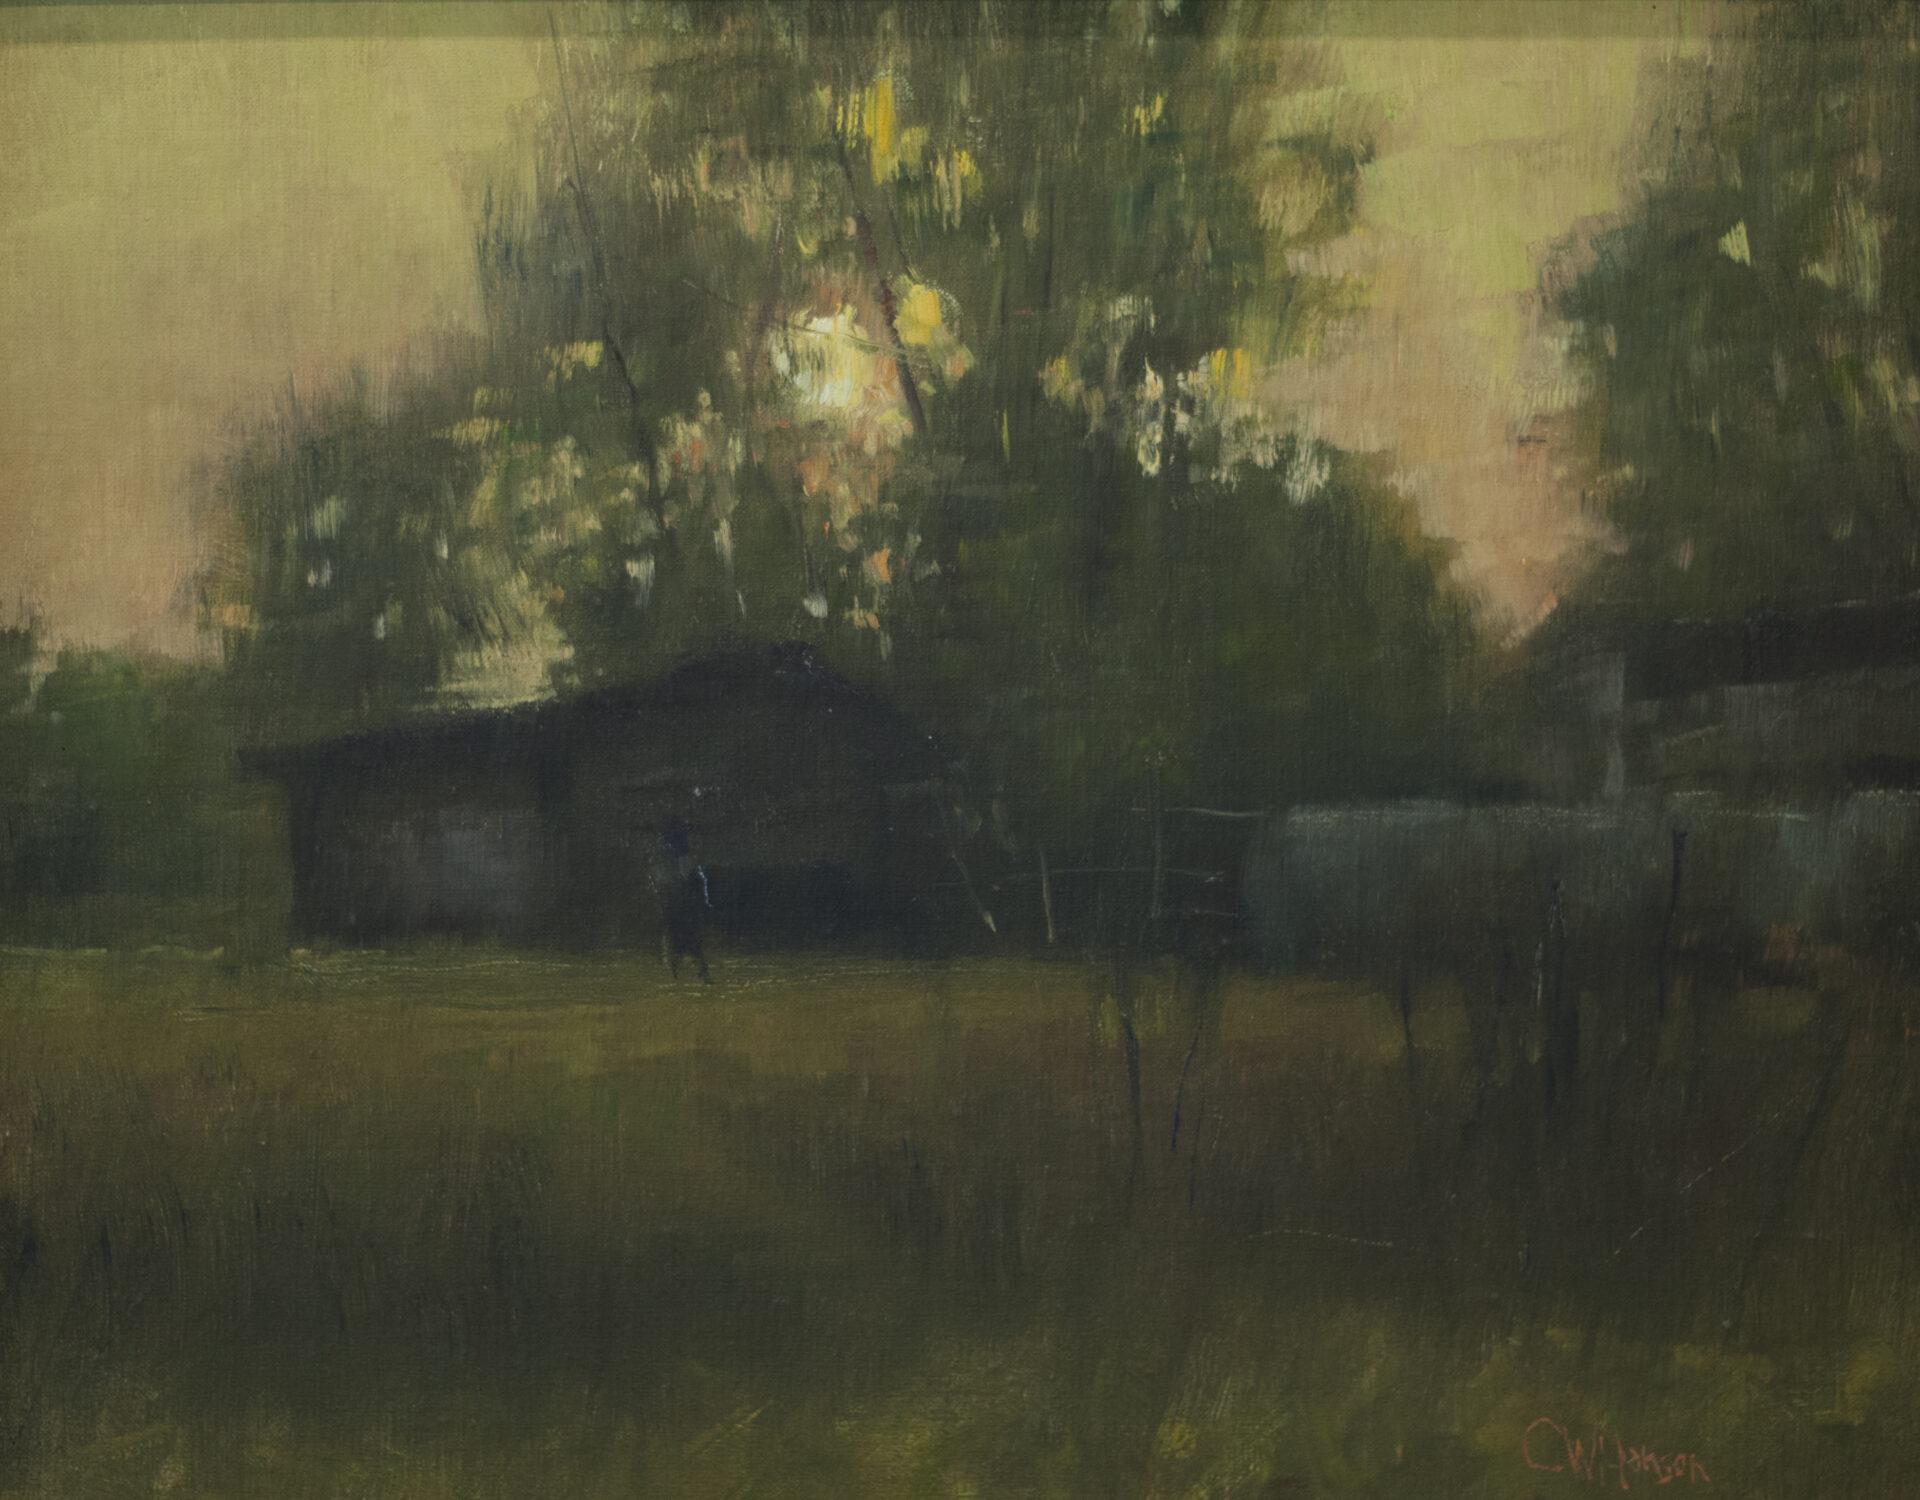 Curt Hanson - Quiet Morning